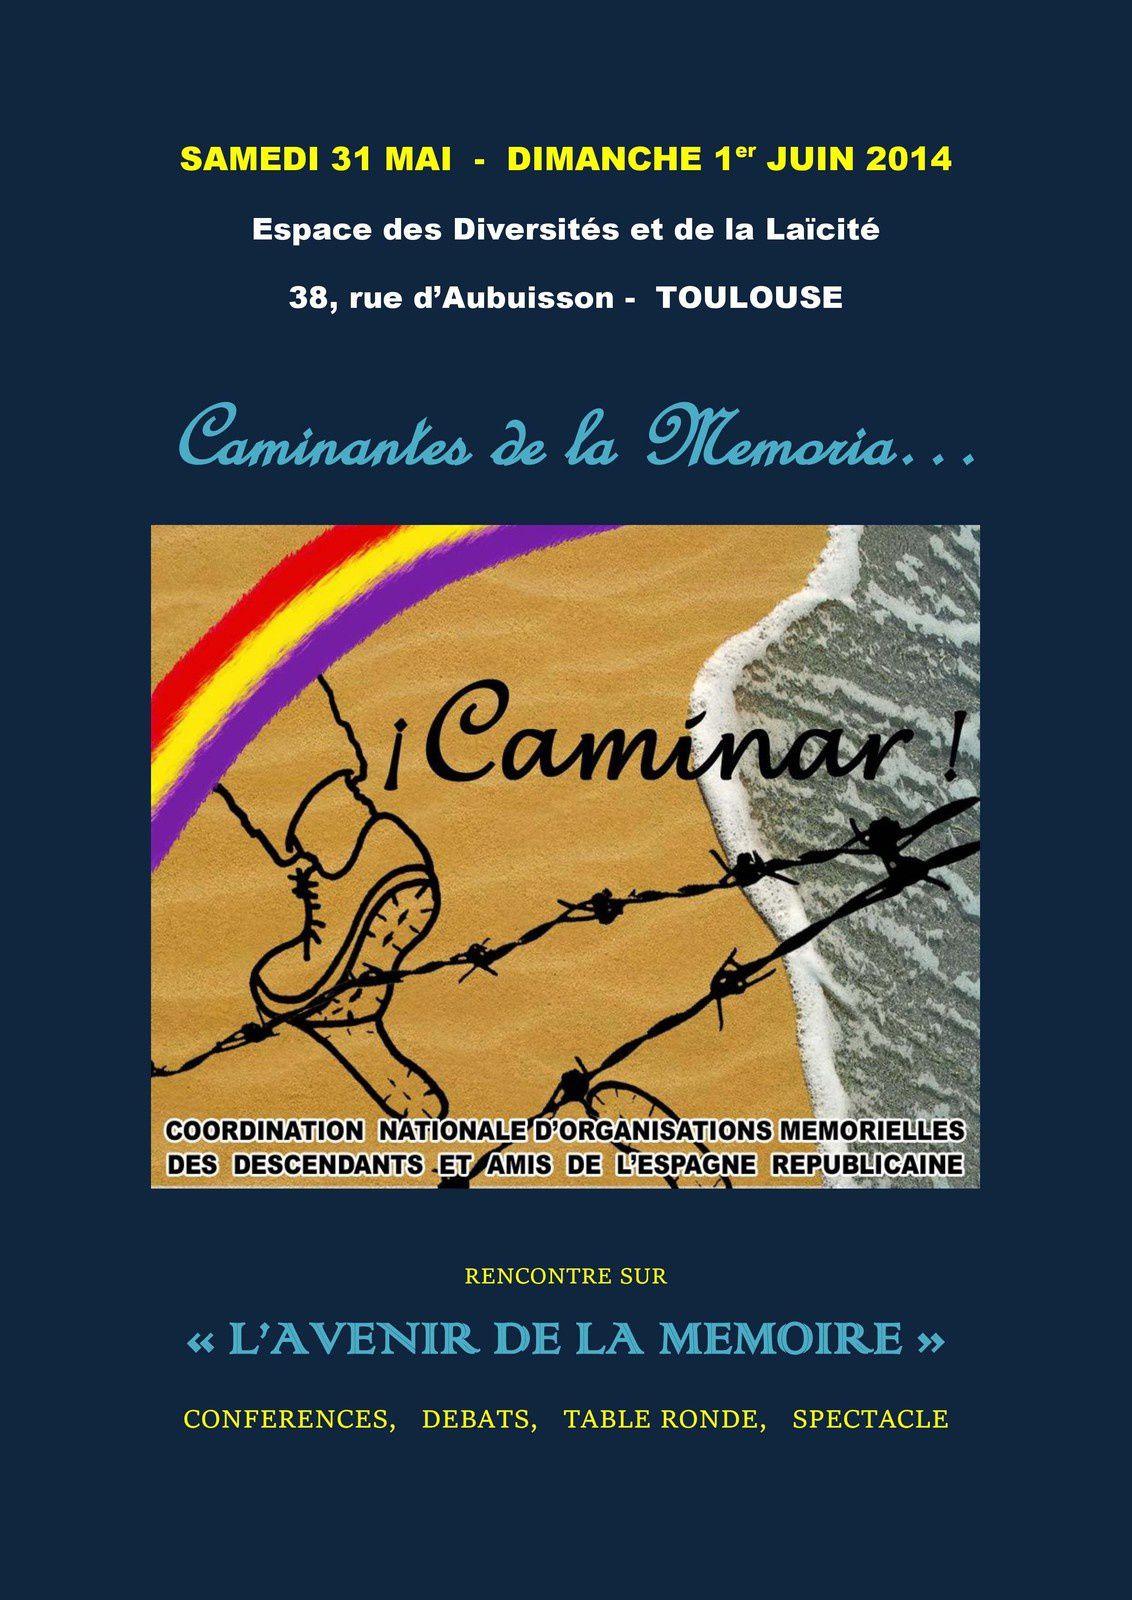 Deux journées qui vont compter pour &quot&#x3B;L'avenir de la Mémoire&quot&#x3B;